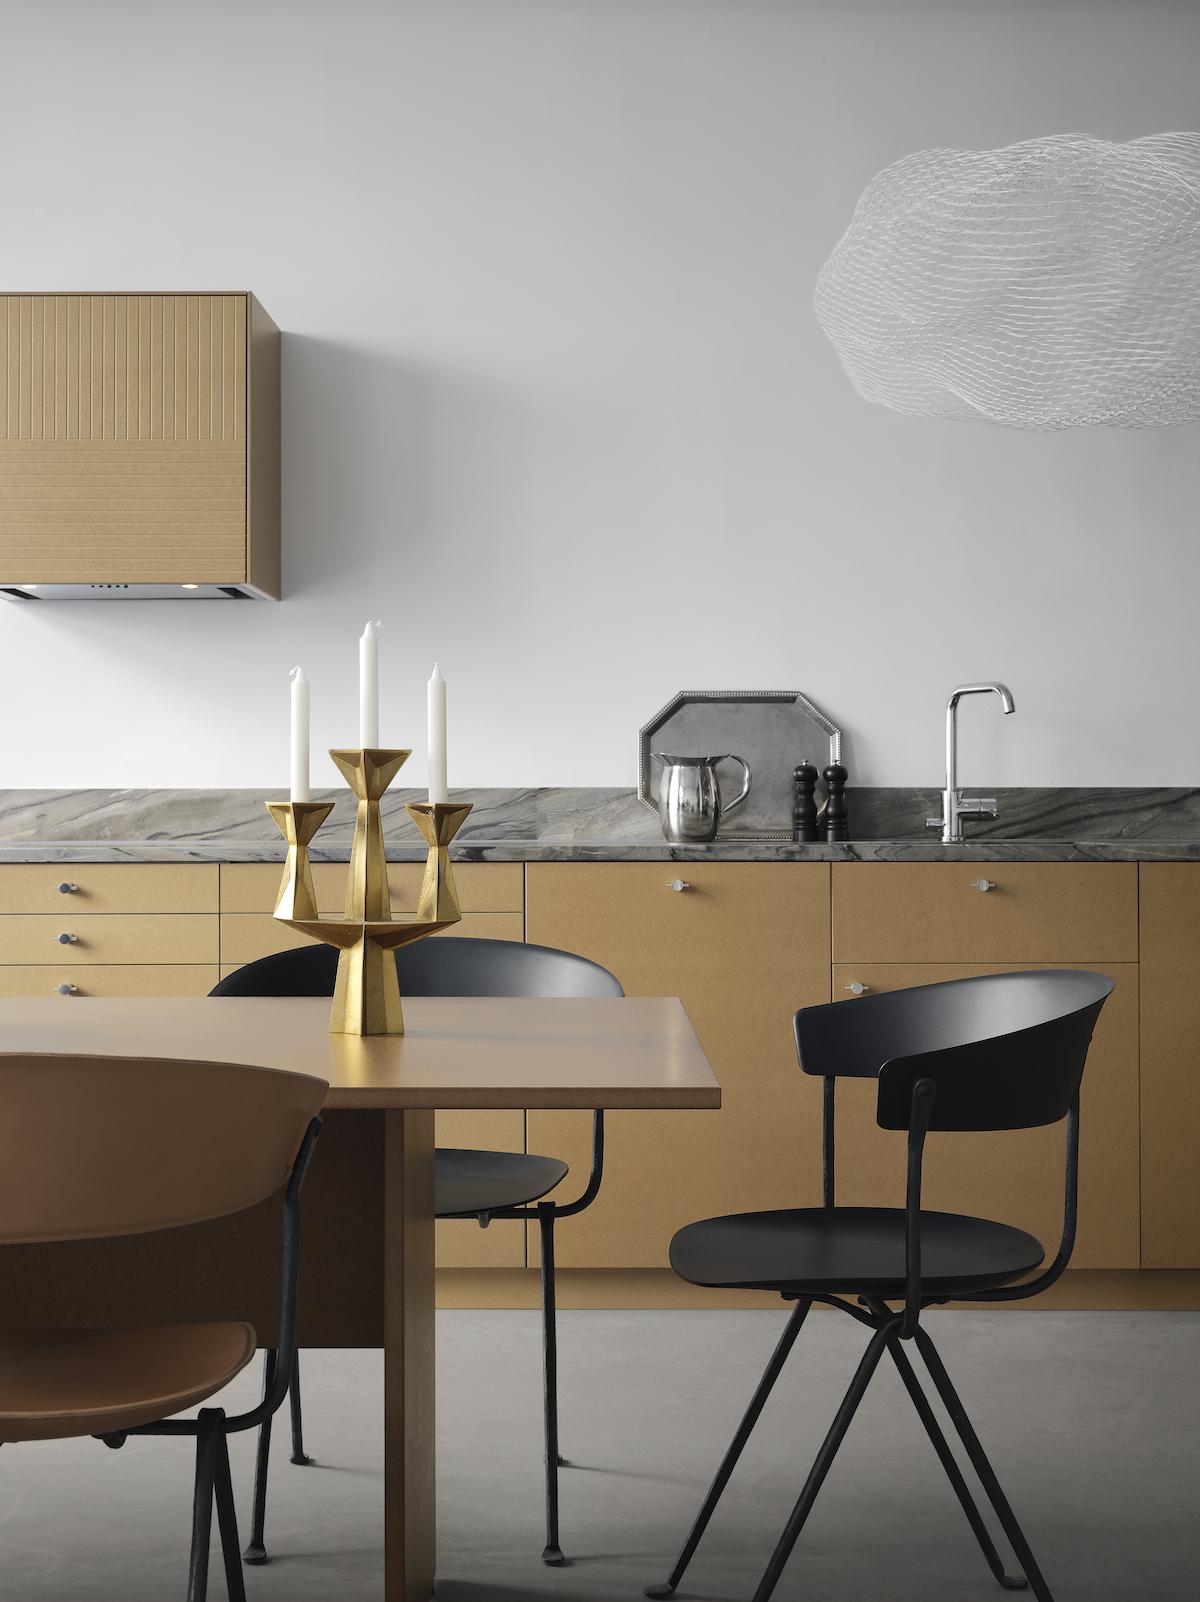 cuisine art déco moderne retro minimaliste masculine noir mat suspension lampe nuage grillage